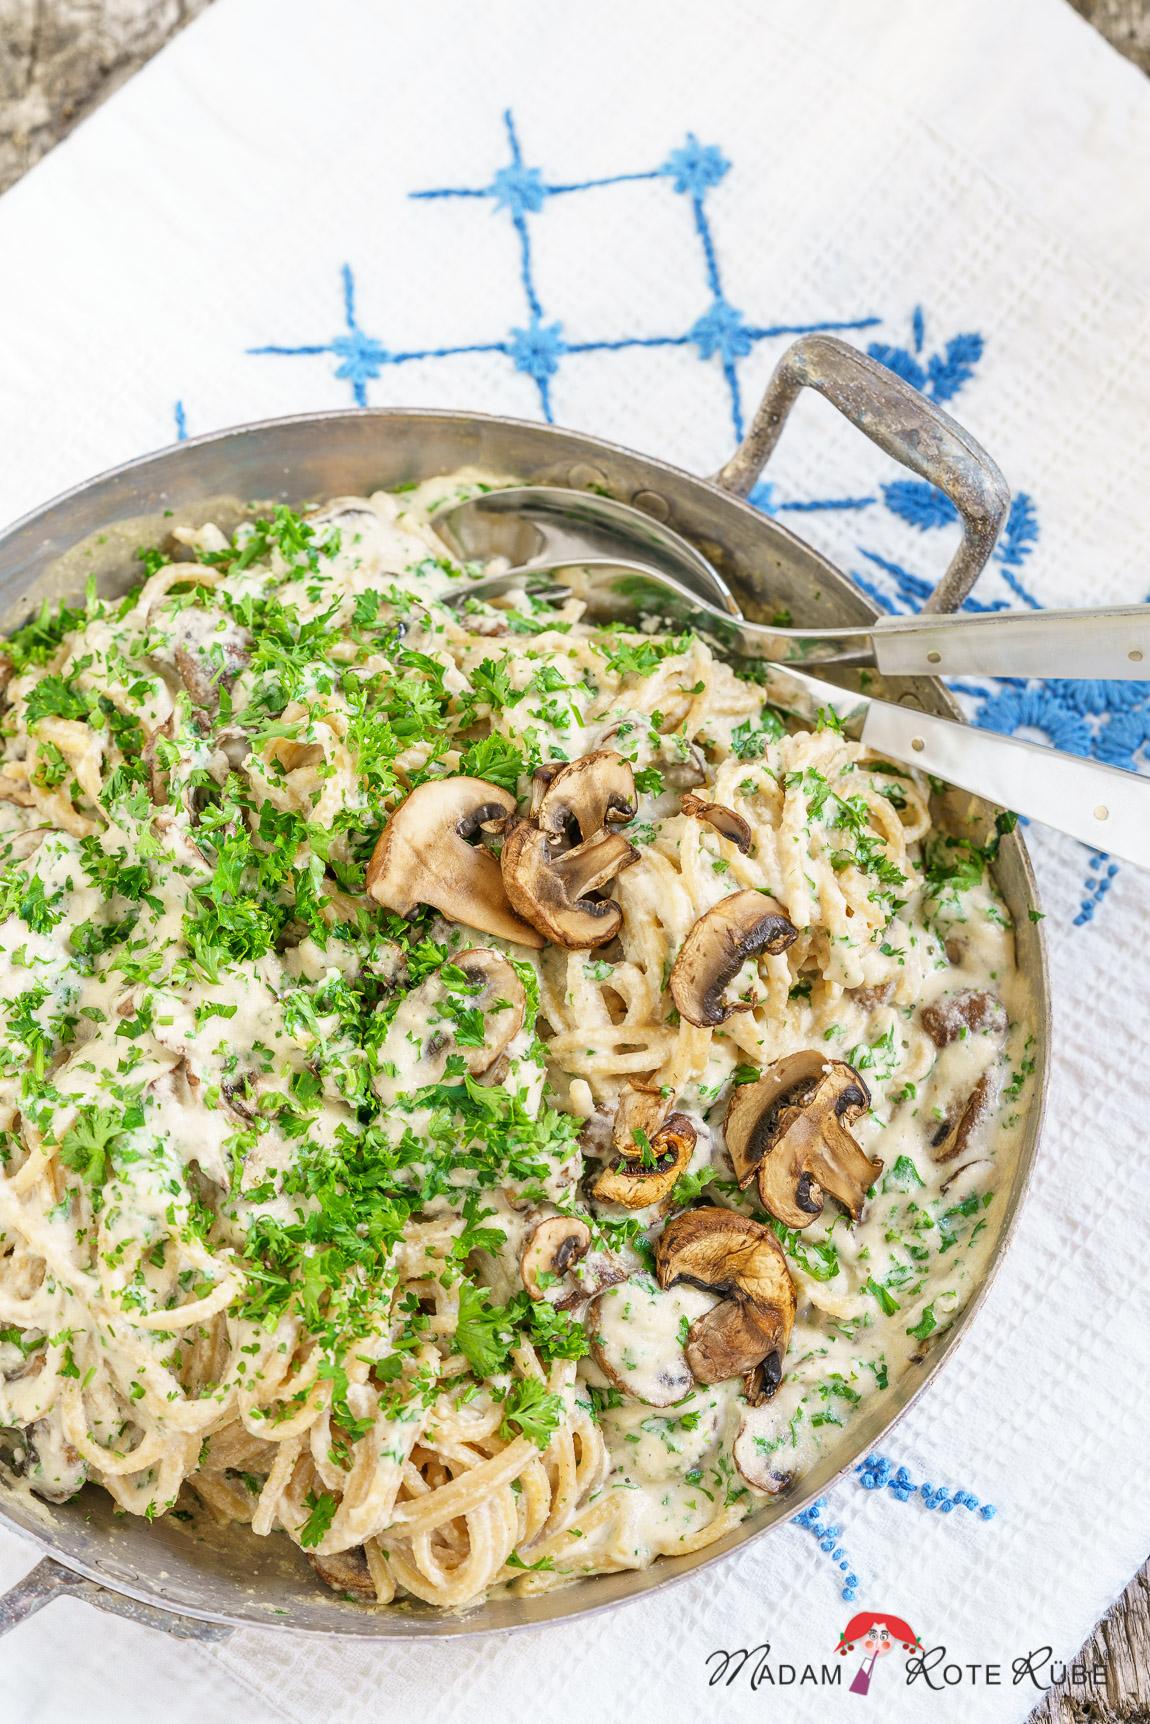 Madam Rote Rübe - Cremige Pasta Alfredo mit Pilzen und Petersilie aus der 30-Minuten-Küche